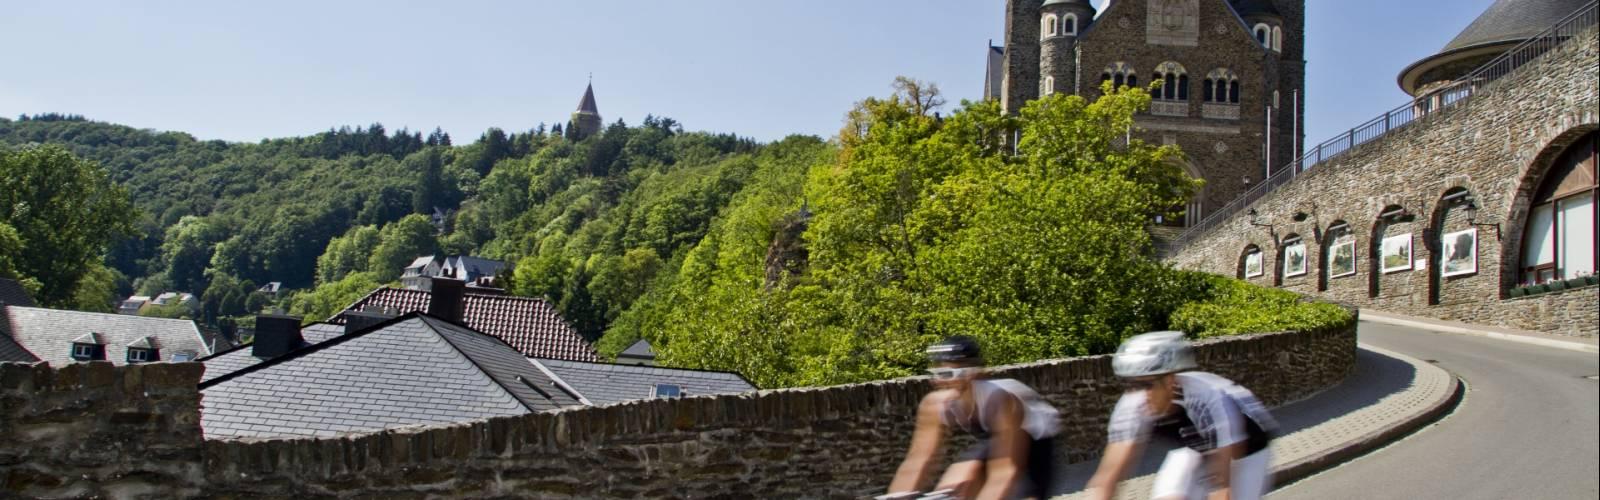 fiets verhuur tourist center clervaux